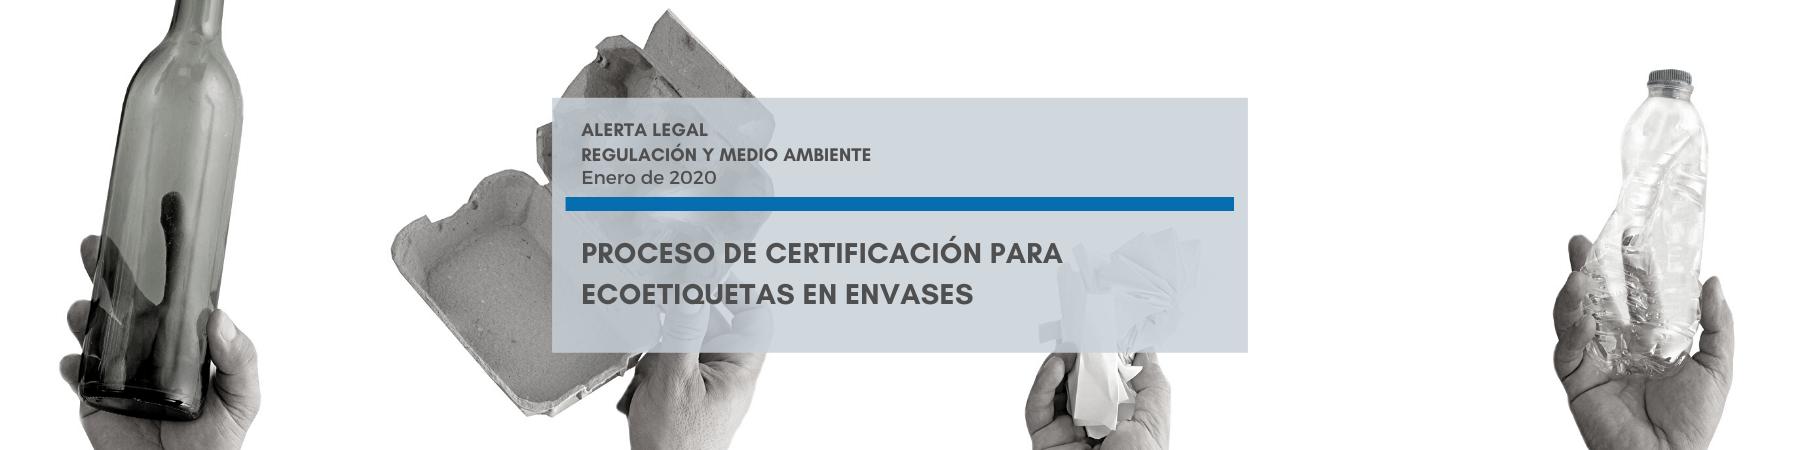 Alerta Legal | Proceso de Certificación para Ecoetiquetas en Envases